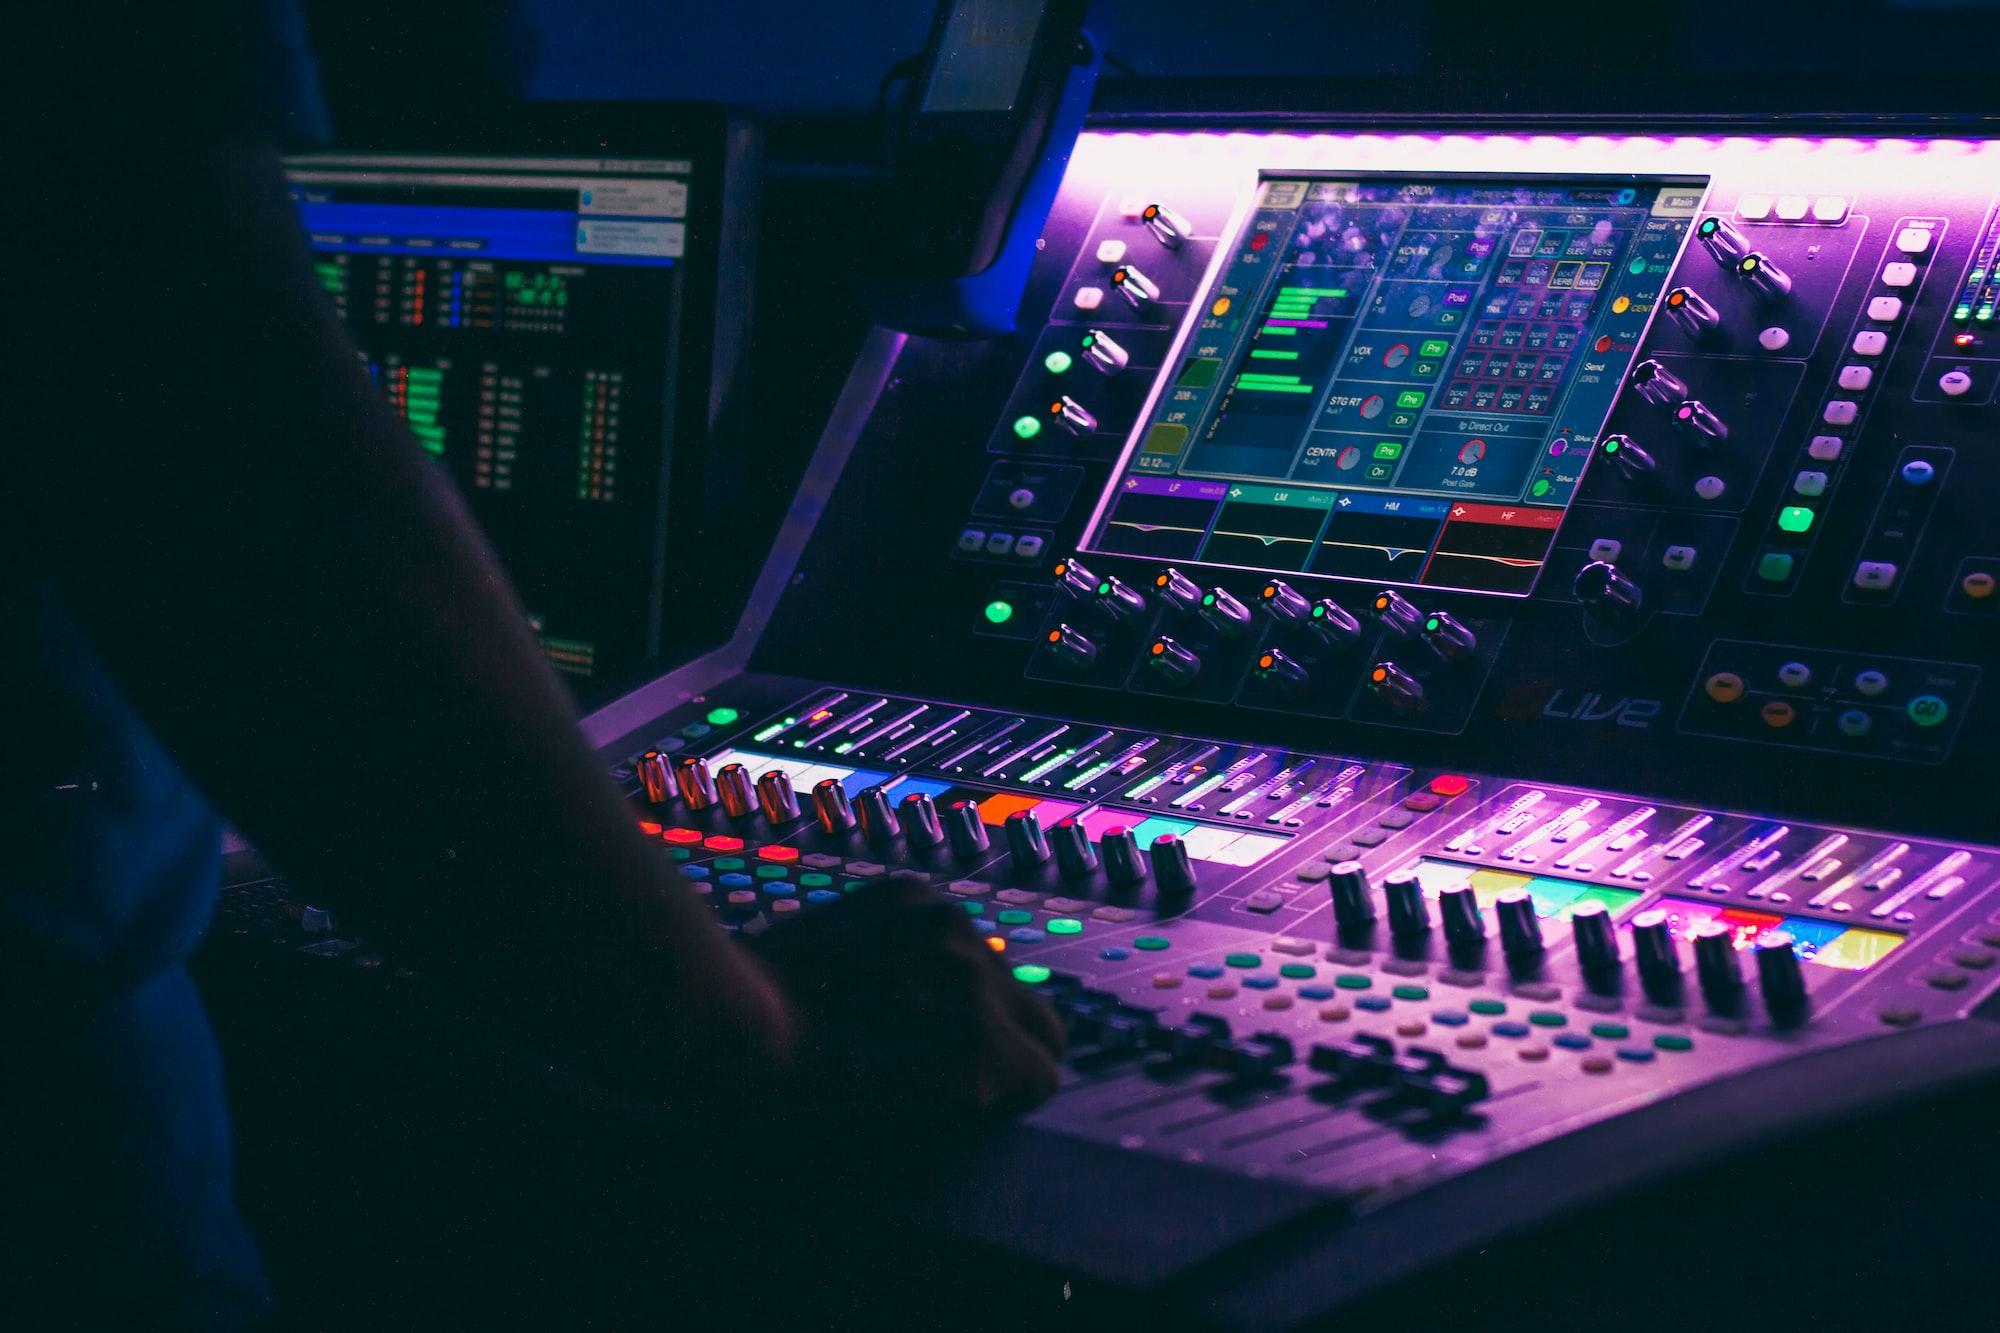 Müzikte Armoni Kurallarına Göre Üst Üste Bindirilmiş Sesler. Üç Yada Daha Çok Sesin Bir Arada Tınlaması Bulmaca Anlamı Nedir?